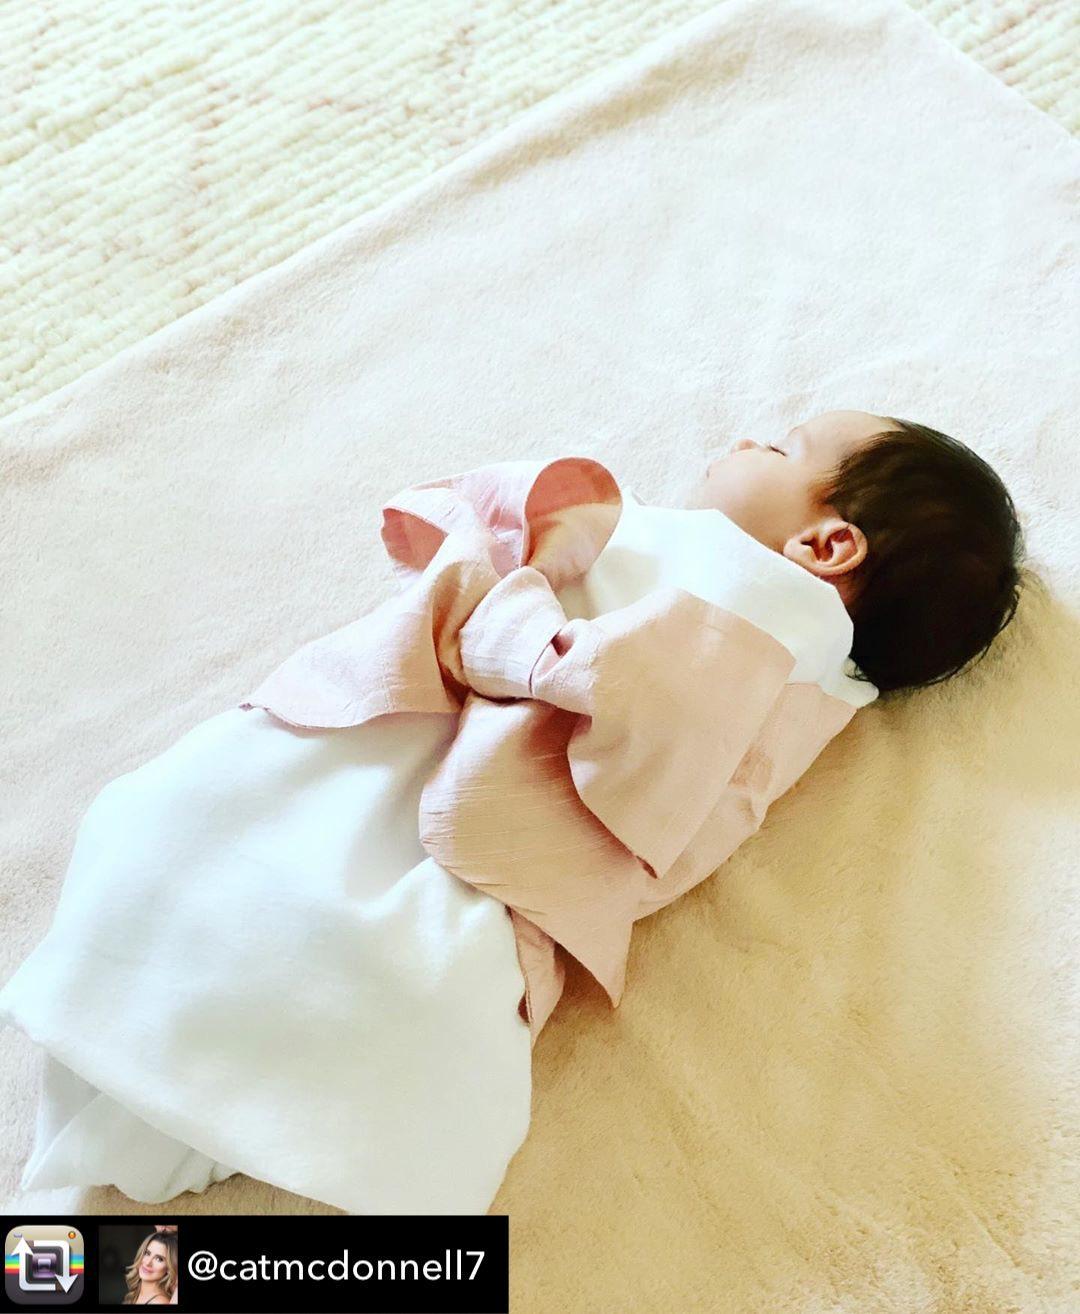 加索尔晒女儿伊丽莎白-吉安娜-加索尔的照片庆祝她满月